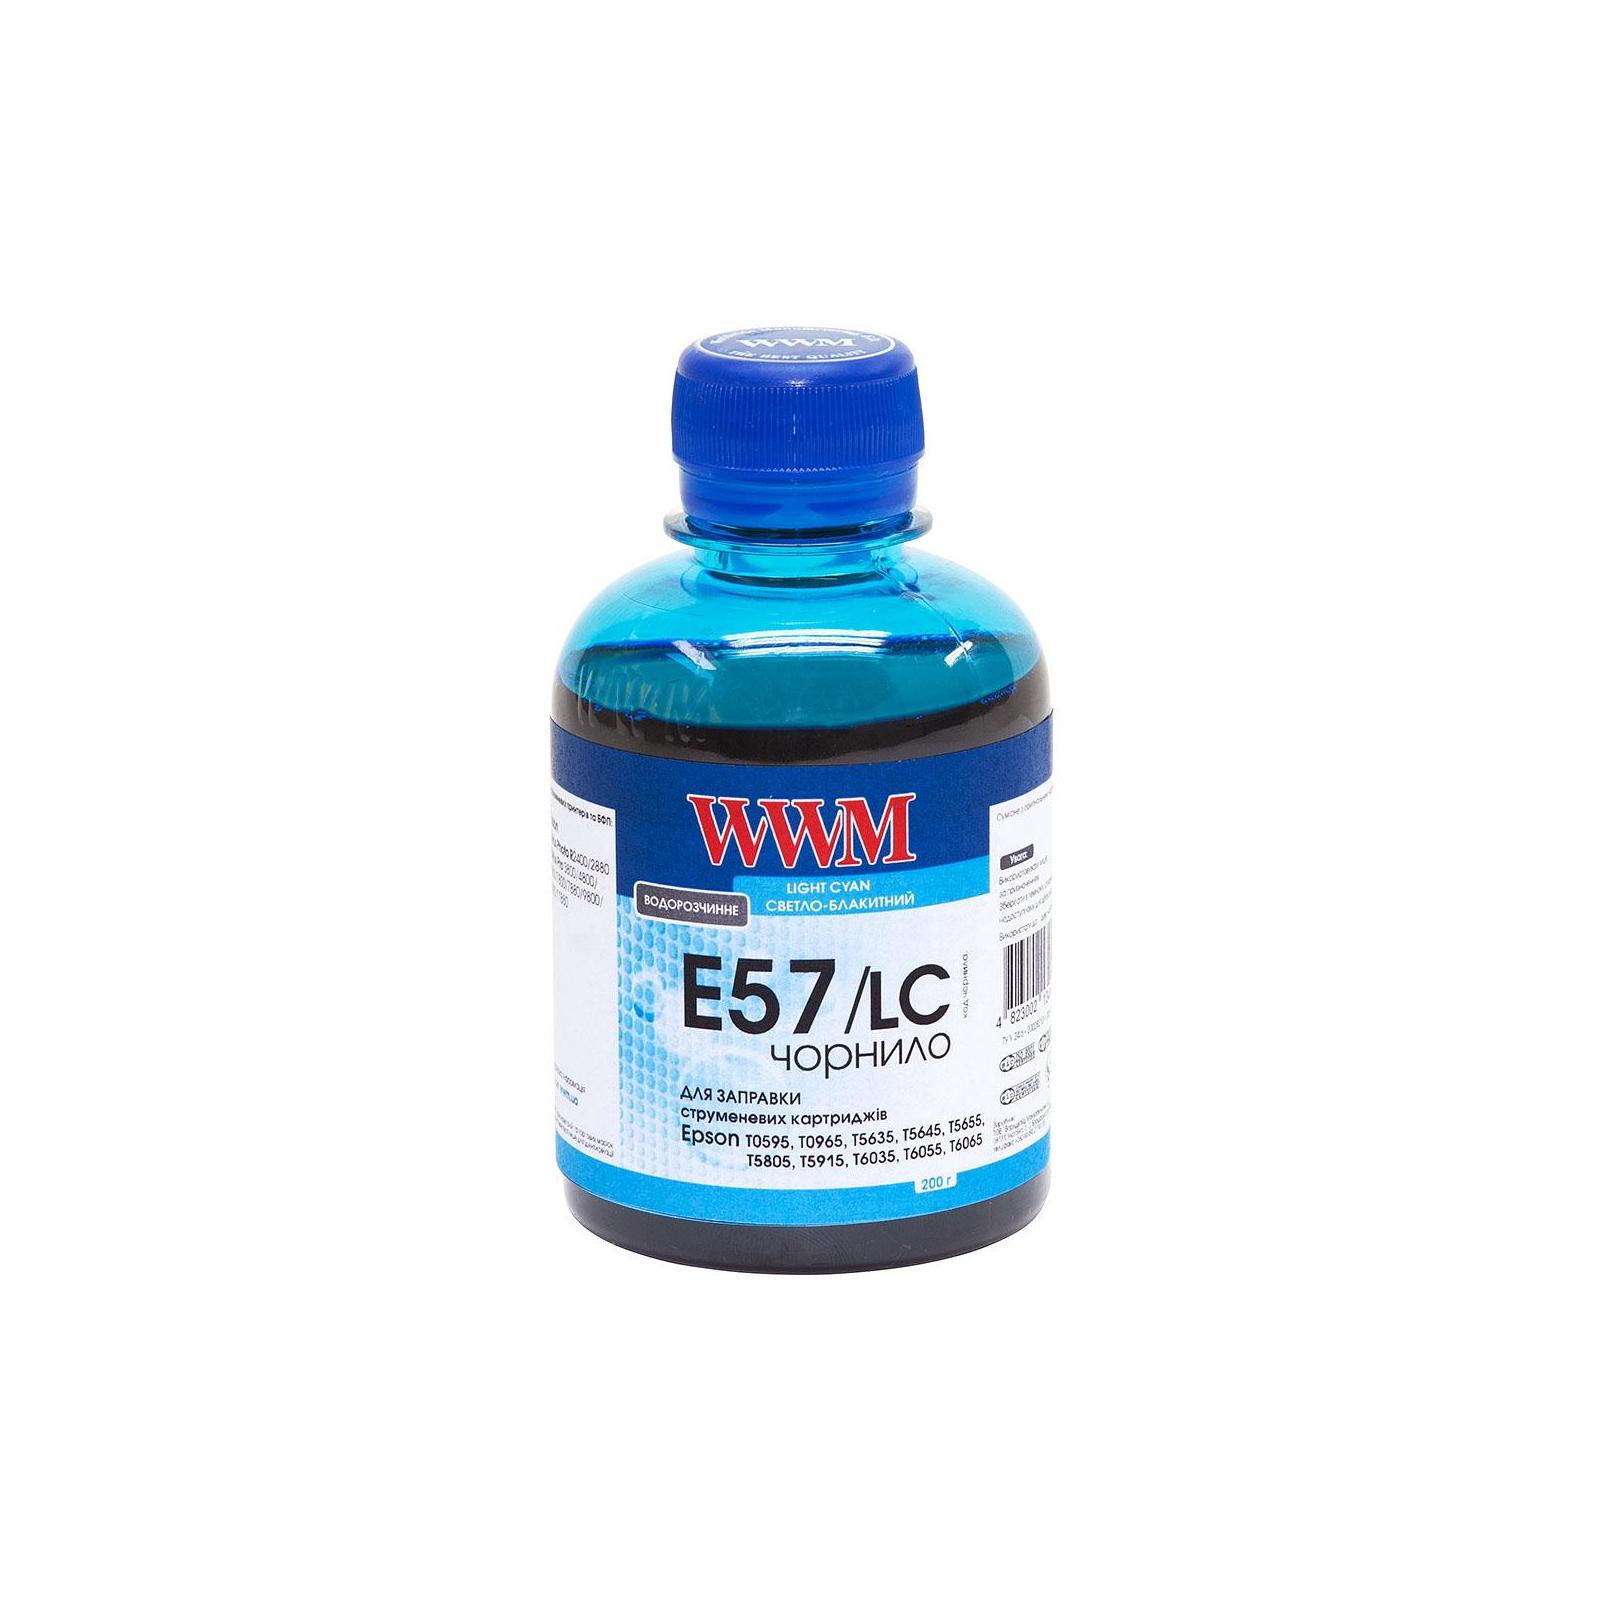 Чернила WWM EPSON R2400/2880Light Cyan (E57/LC)